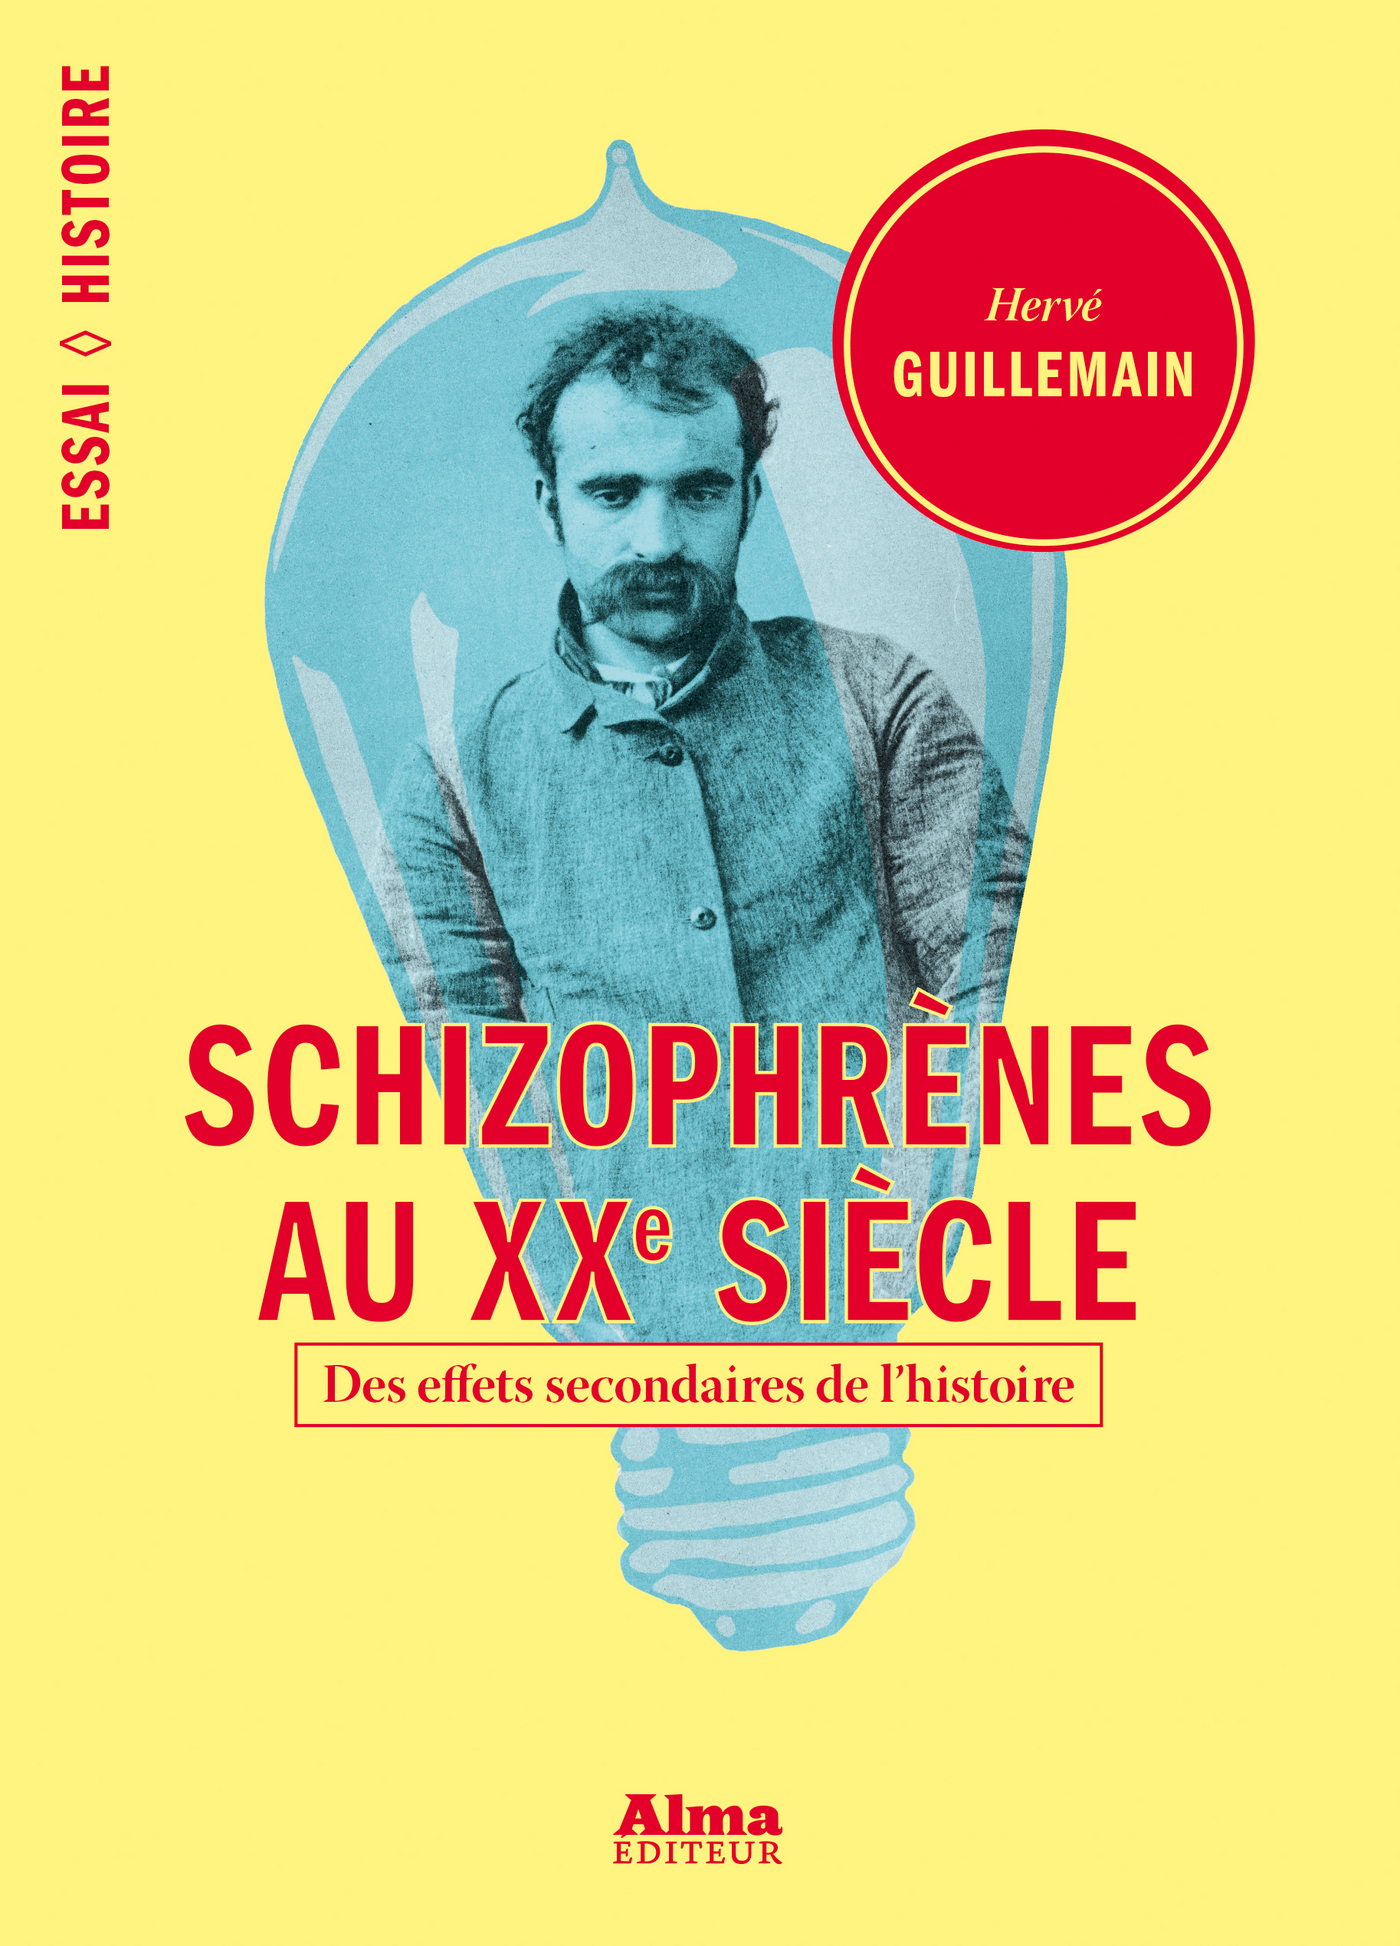 Schizophrènes au XXème siècle